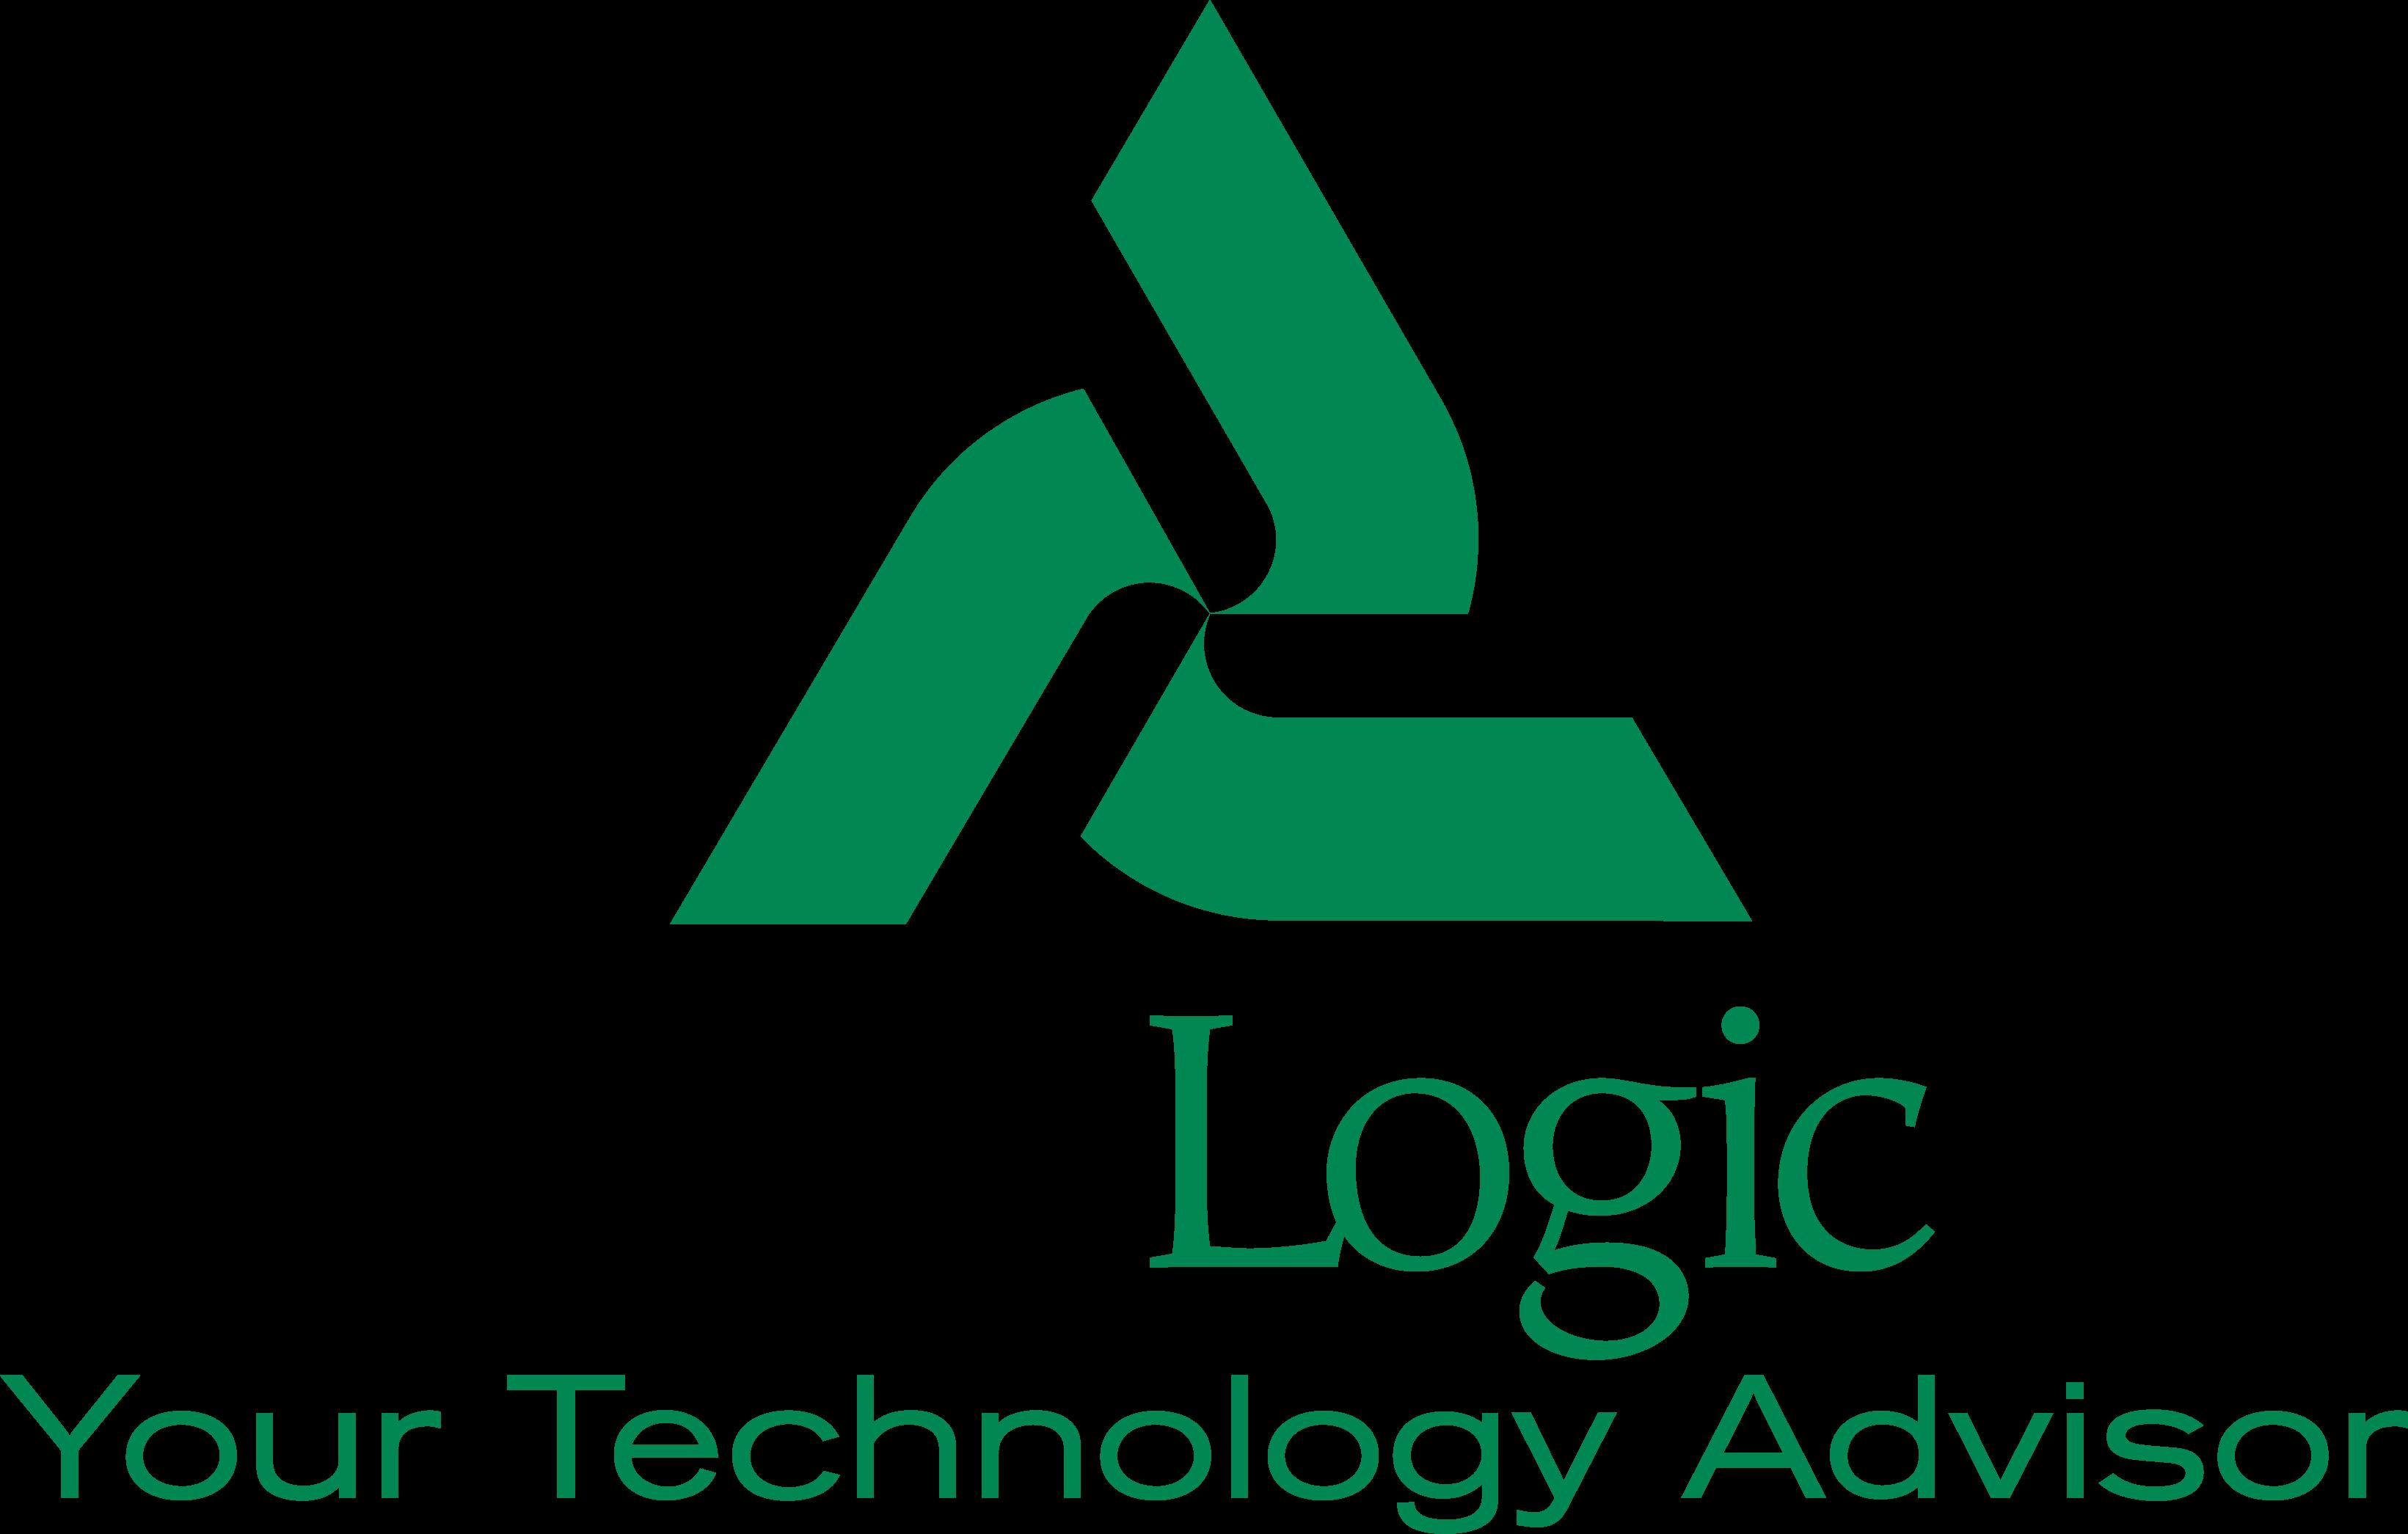 TeamLogic